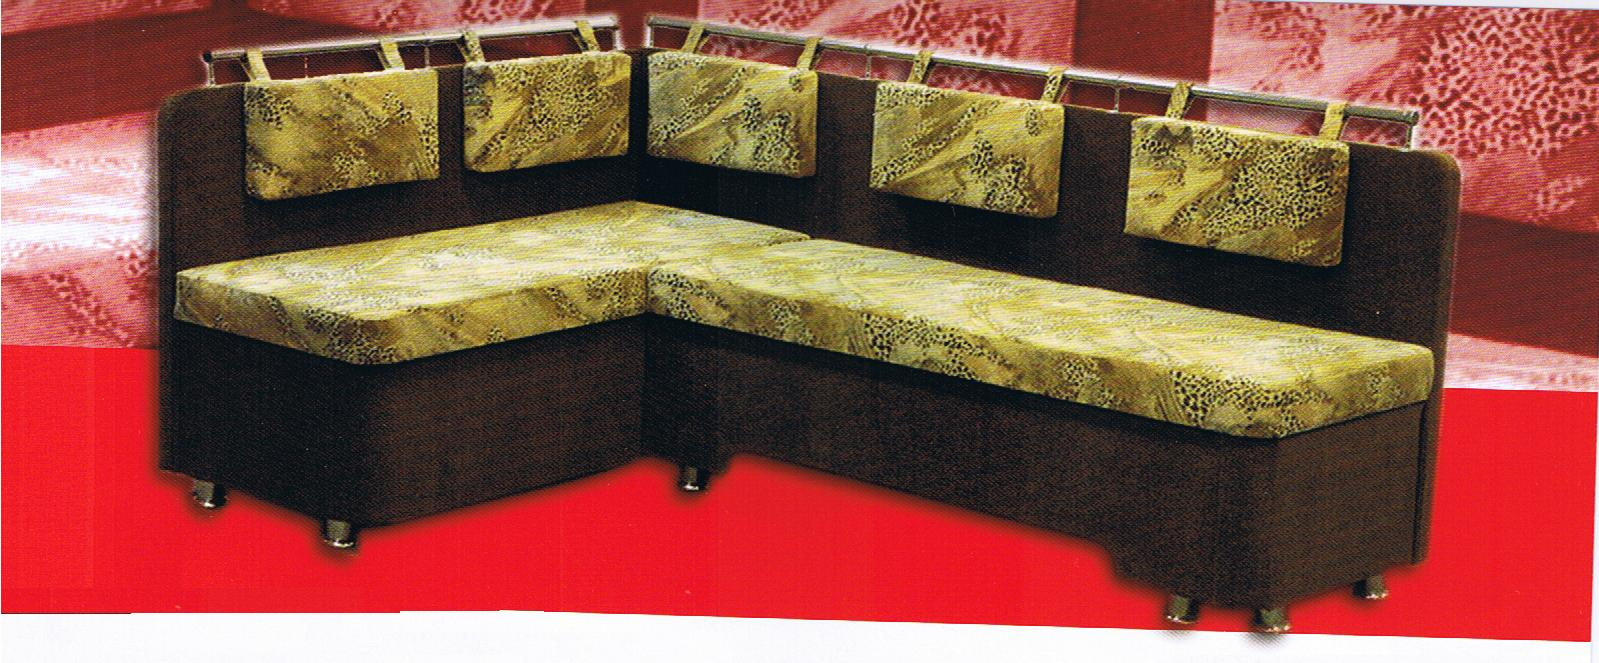 Мебель Распродажа Диванов В Санкт-Петербурге